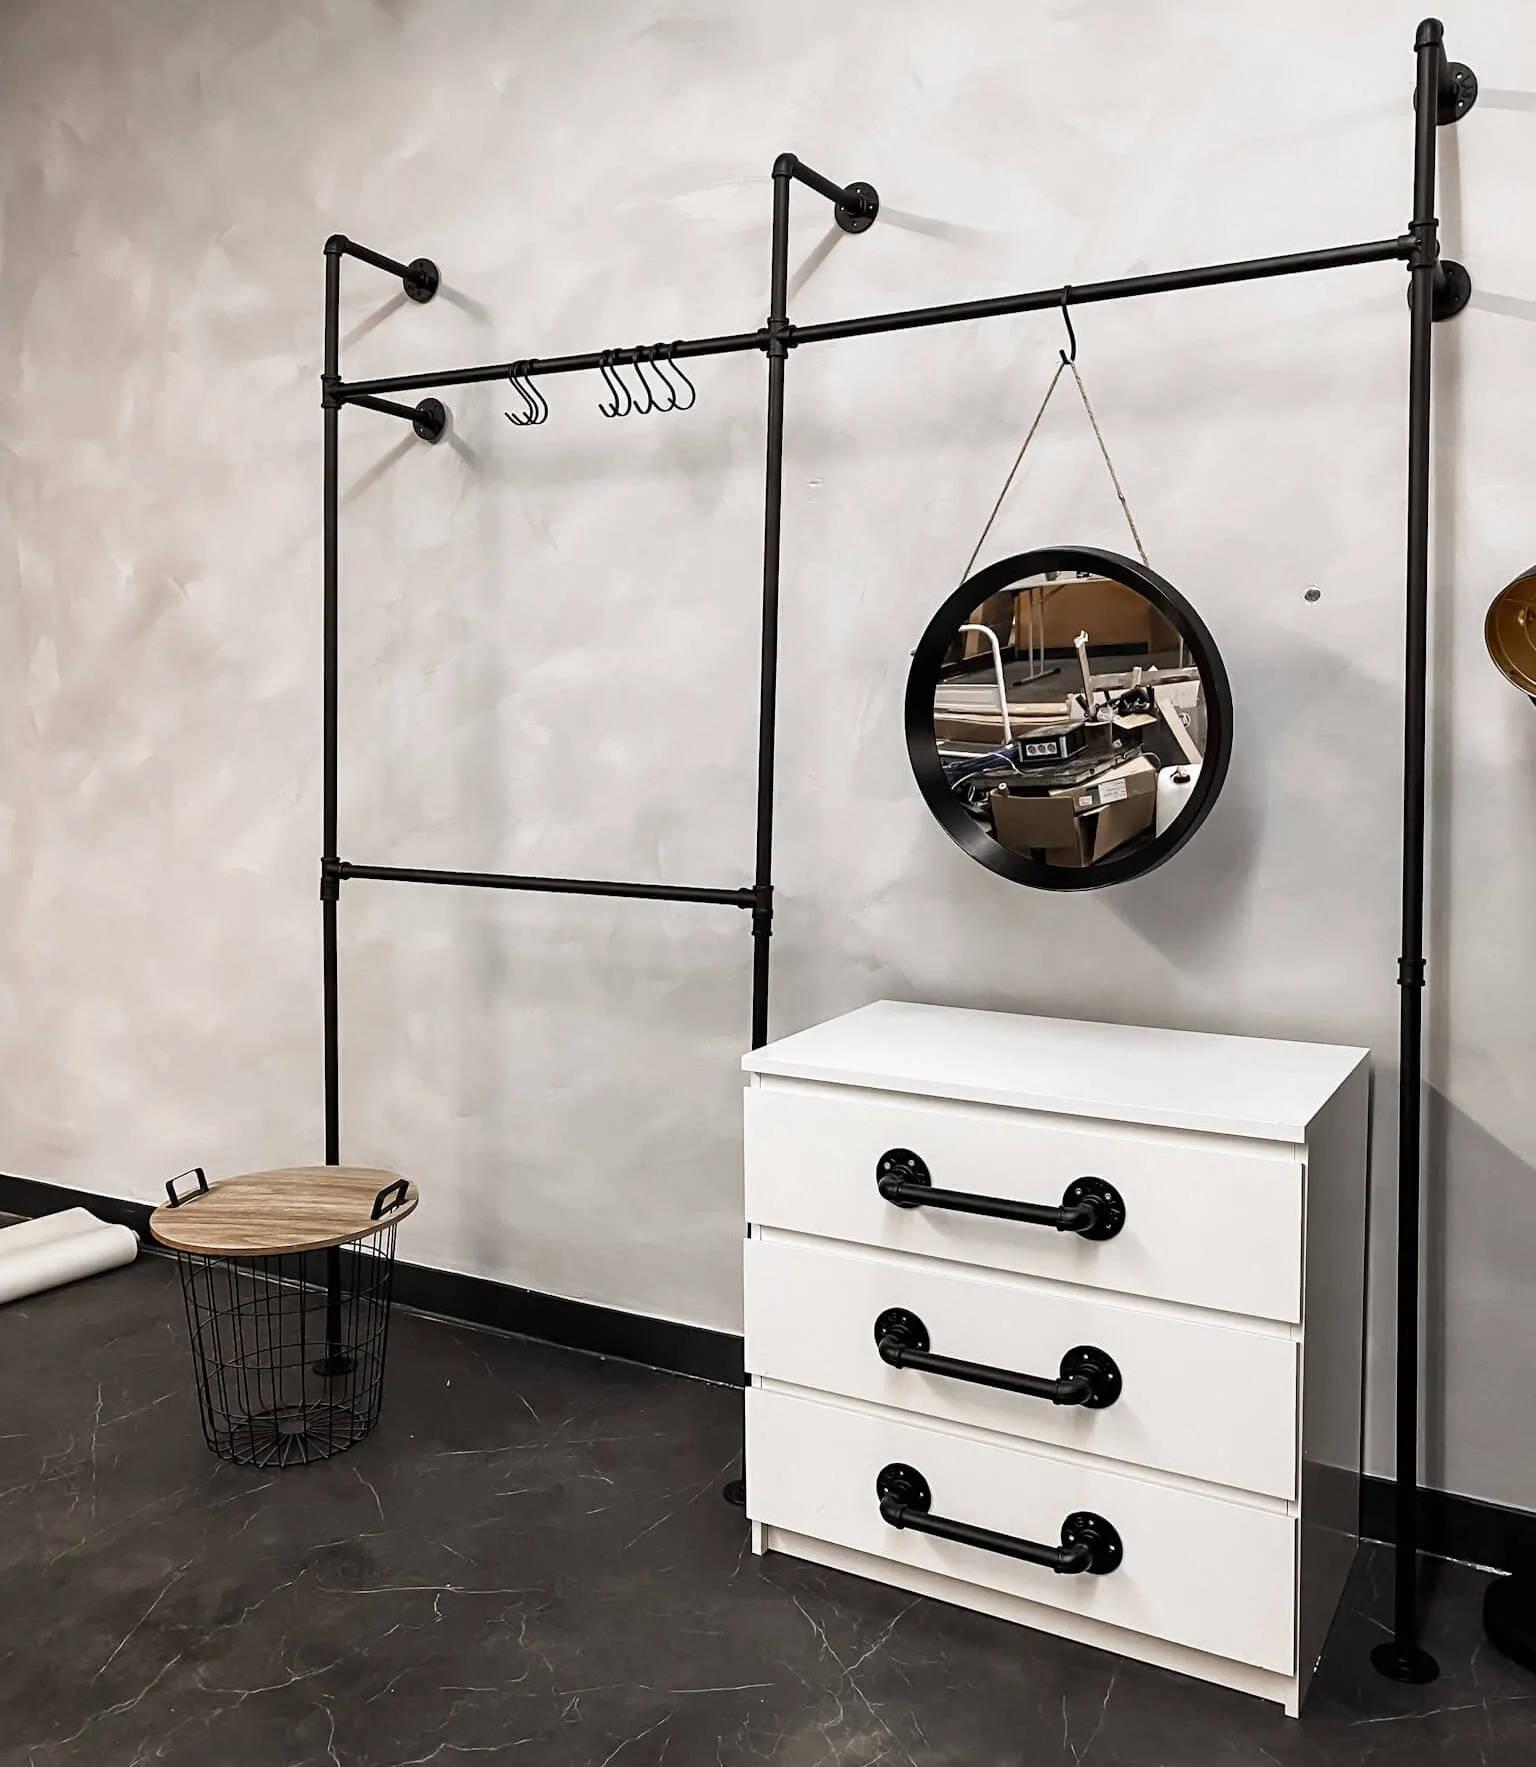 Möbel Upcycling DIY für Industrial Schrankgriff aus Rohr